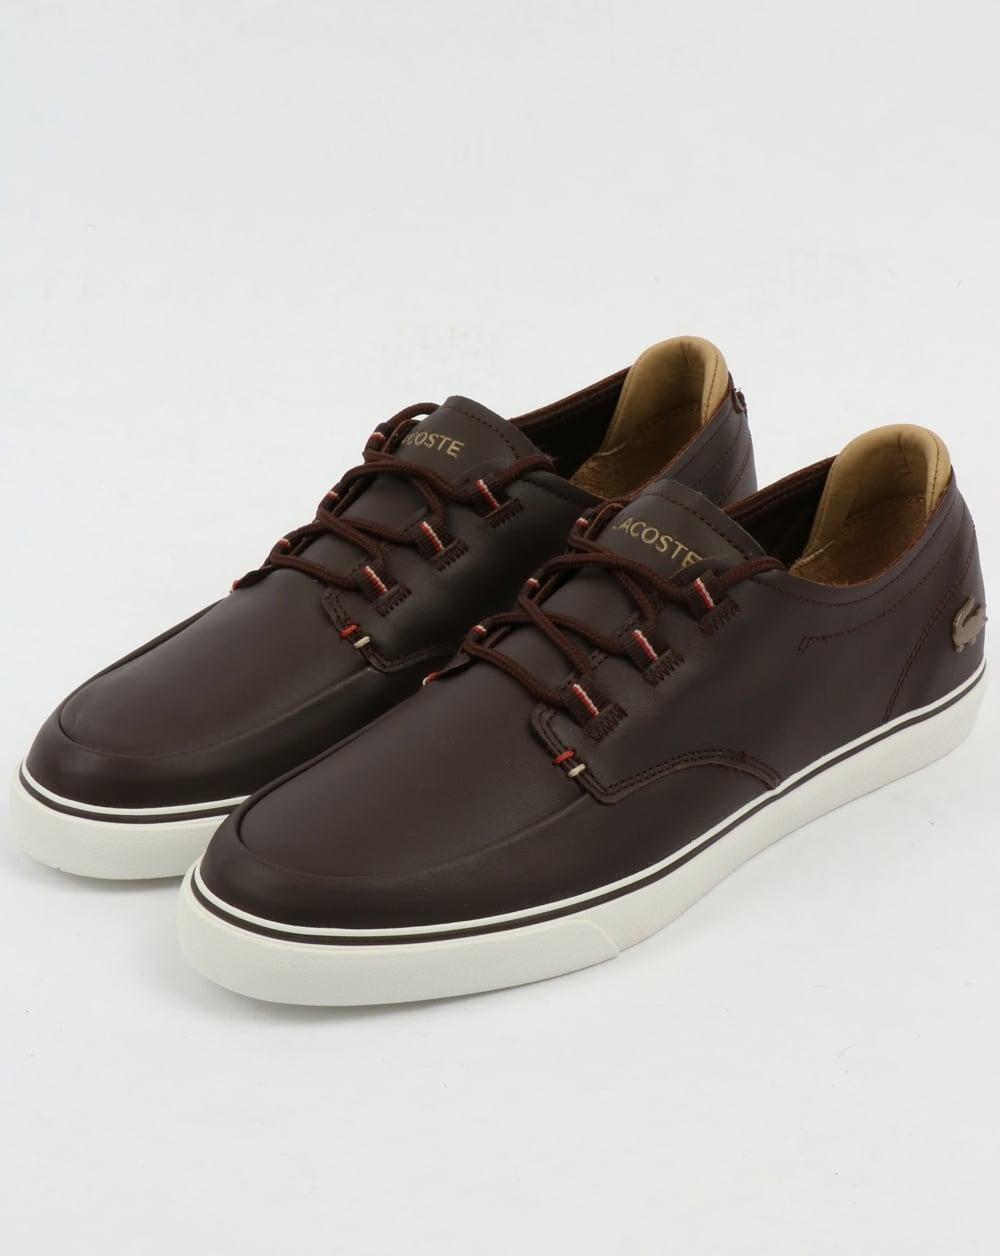 Lacoste Esparre Deck Shoe Brown/Light